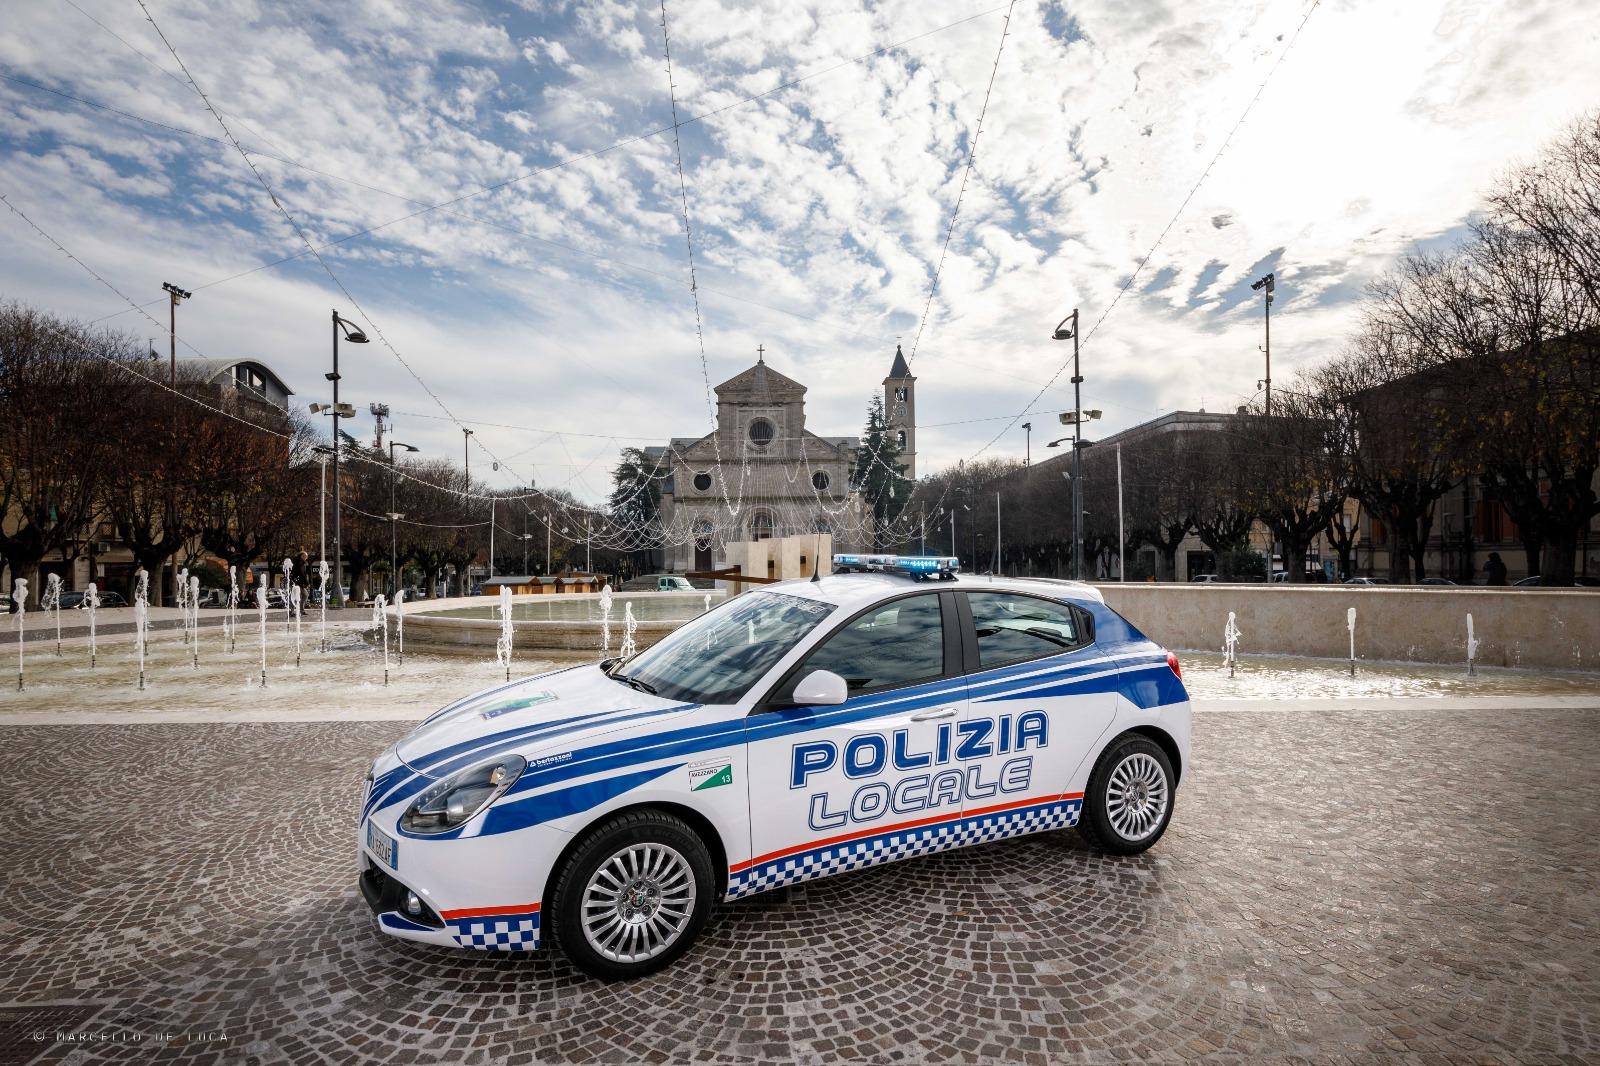 """Lode alla Polizia Locale di Avezzano da parte dell'Assessore Fiorletti, """"un esempio di gestione e organizzazione"""" impegno per trovare una una nuova sede"""